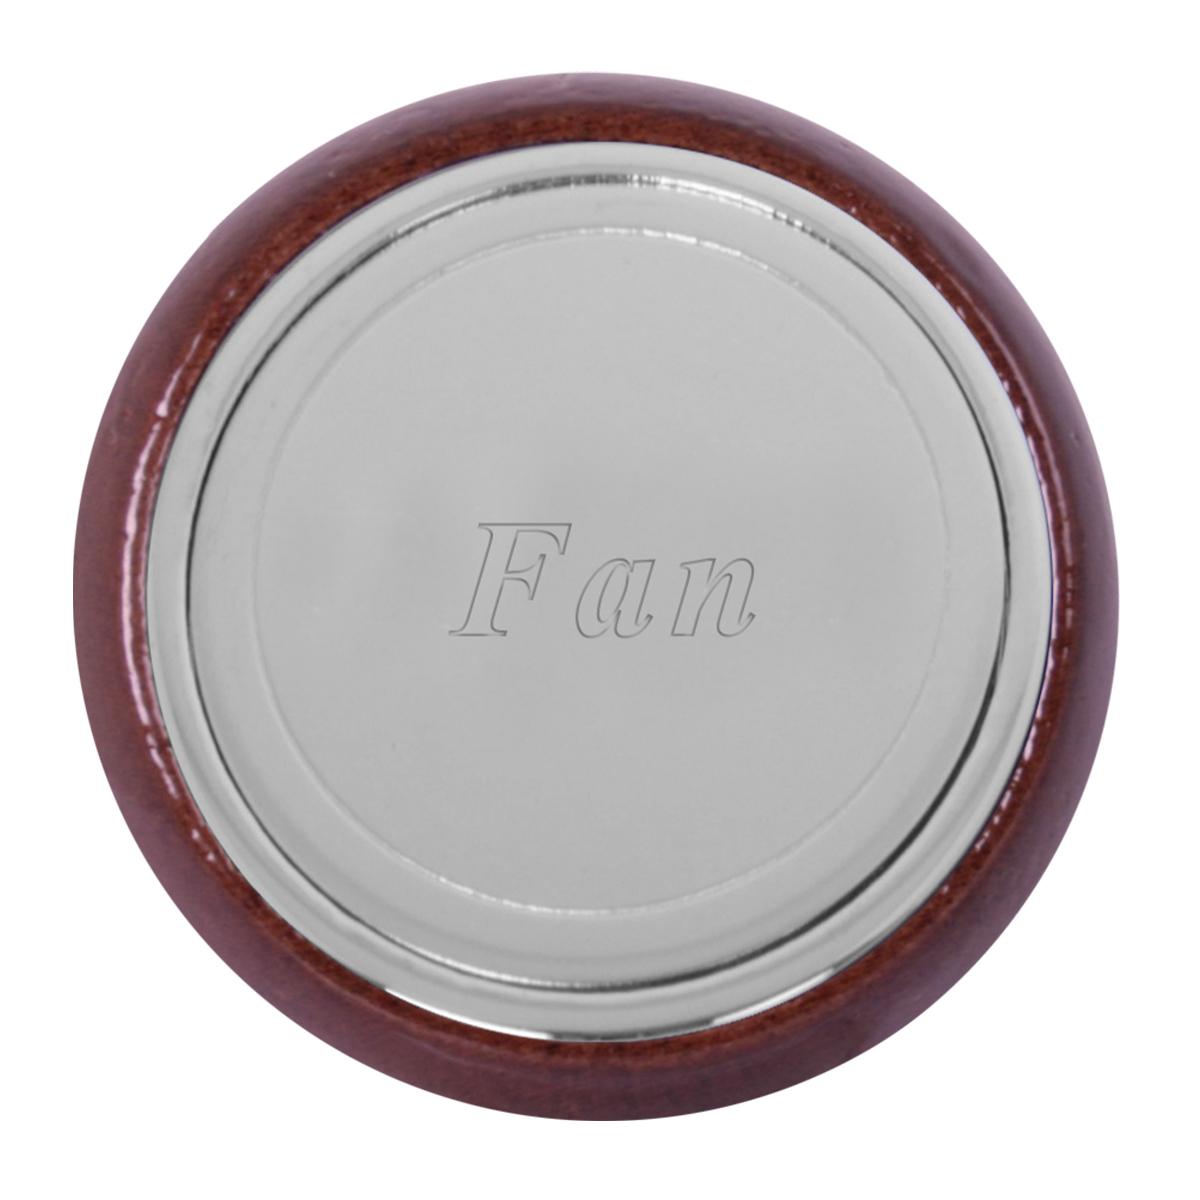 96034 Dashboard Control Knob w/ Fan Script